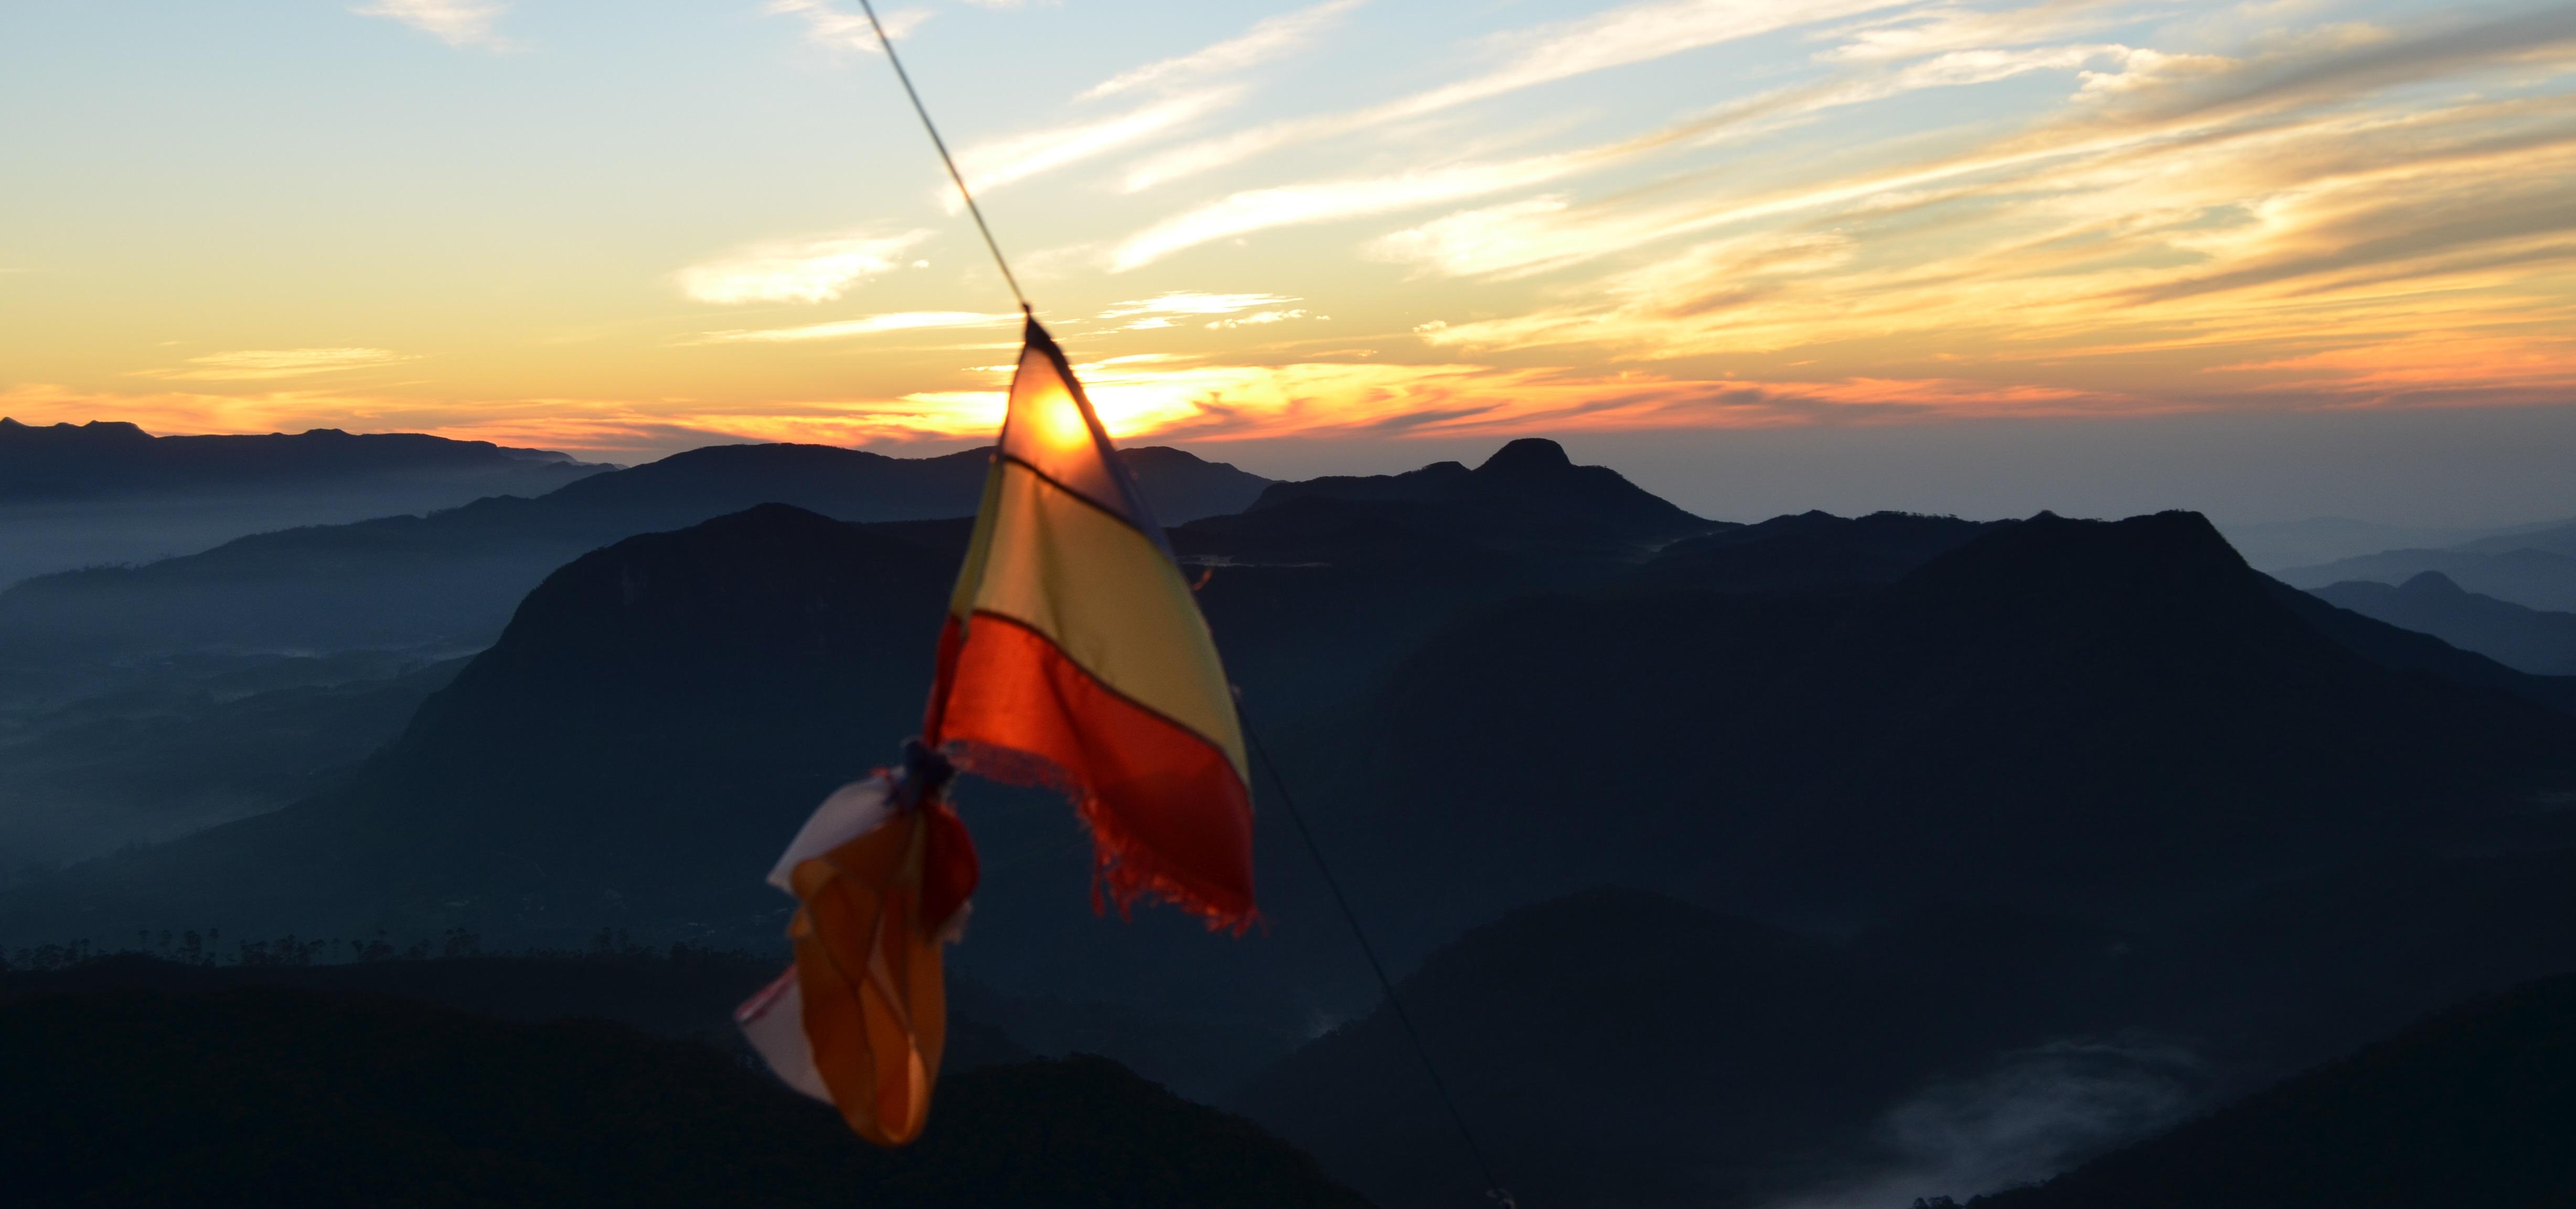 Sunrise at Adam's Peak.jpg